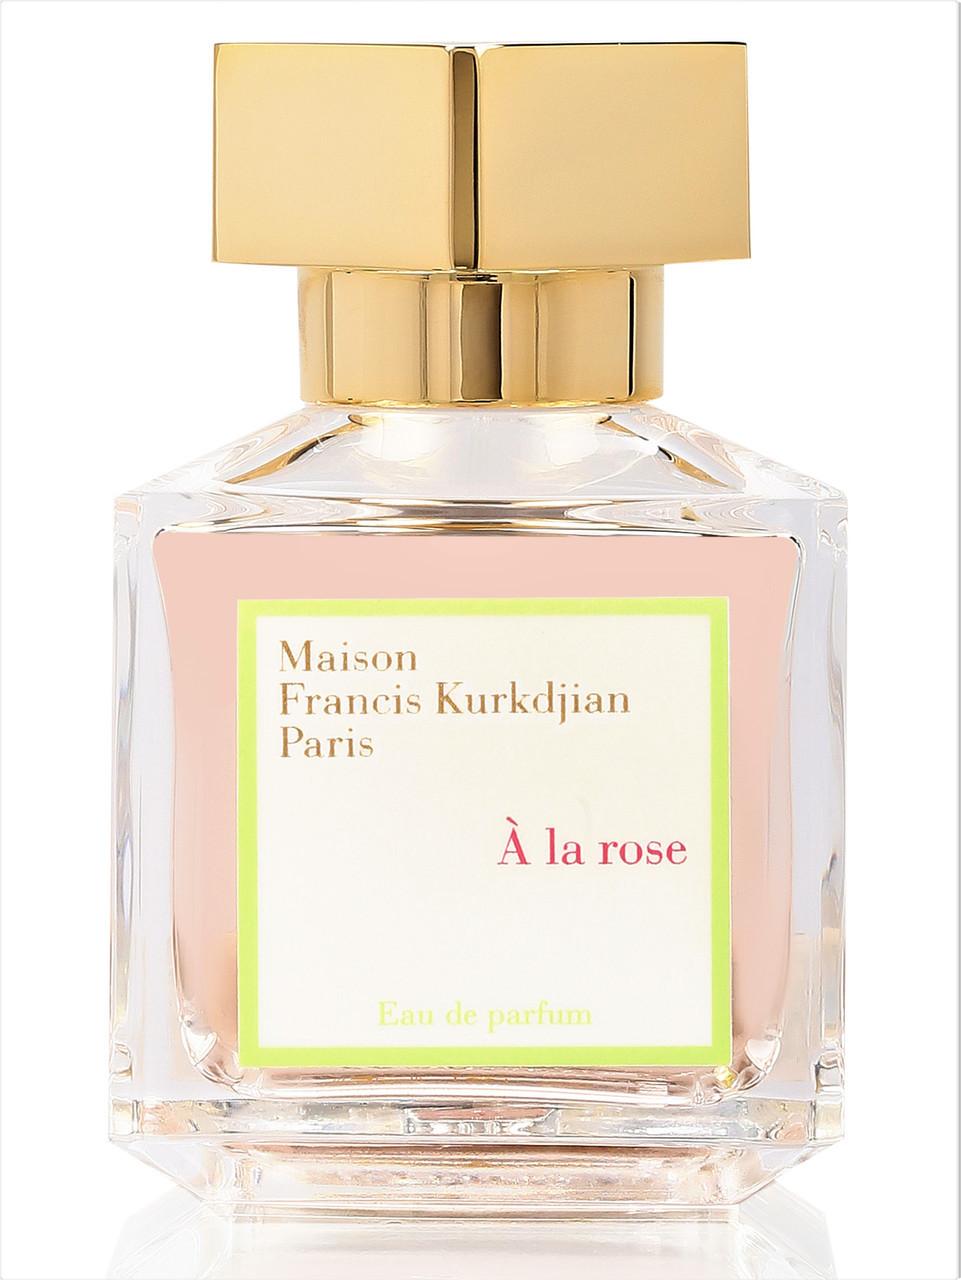 Maison Francis Kurkdjian À La Rose edp 70ml Tester, France